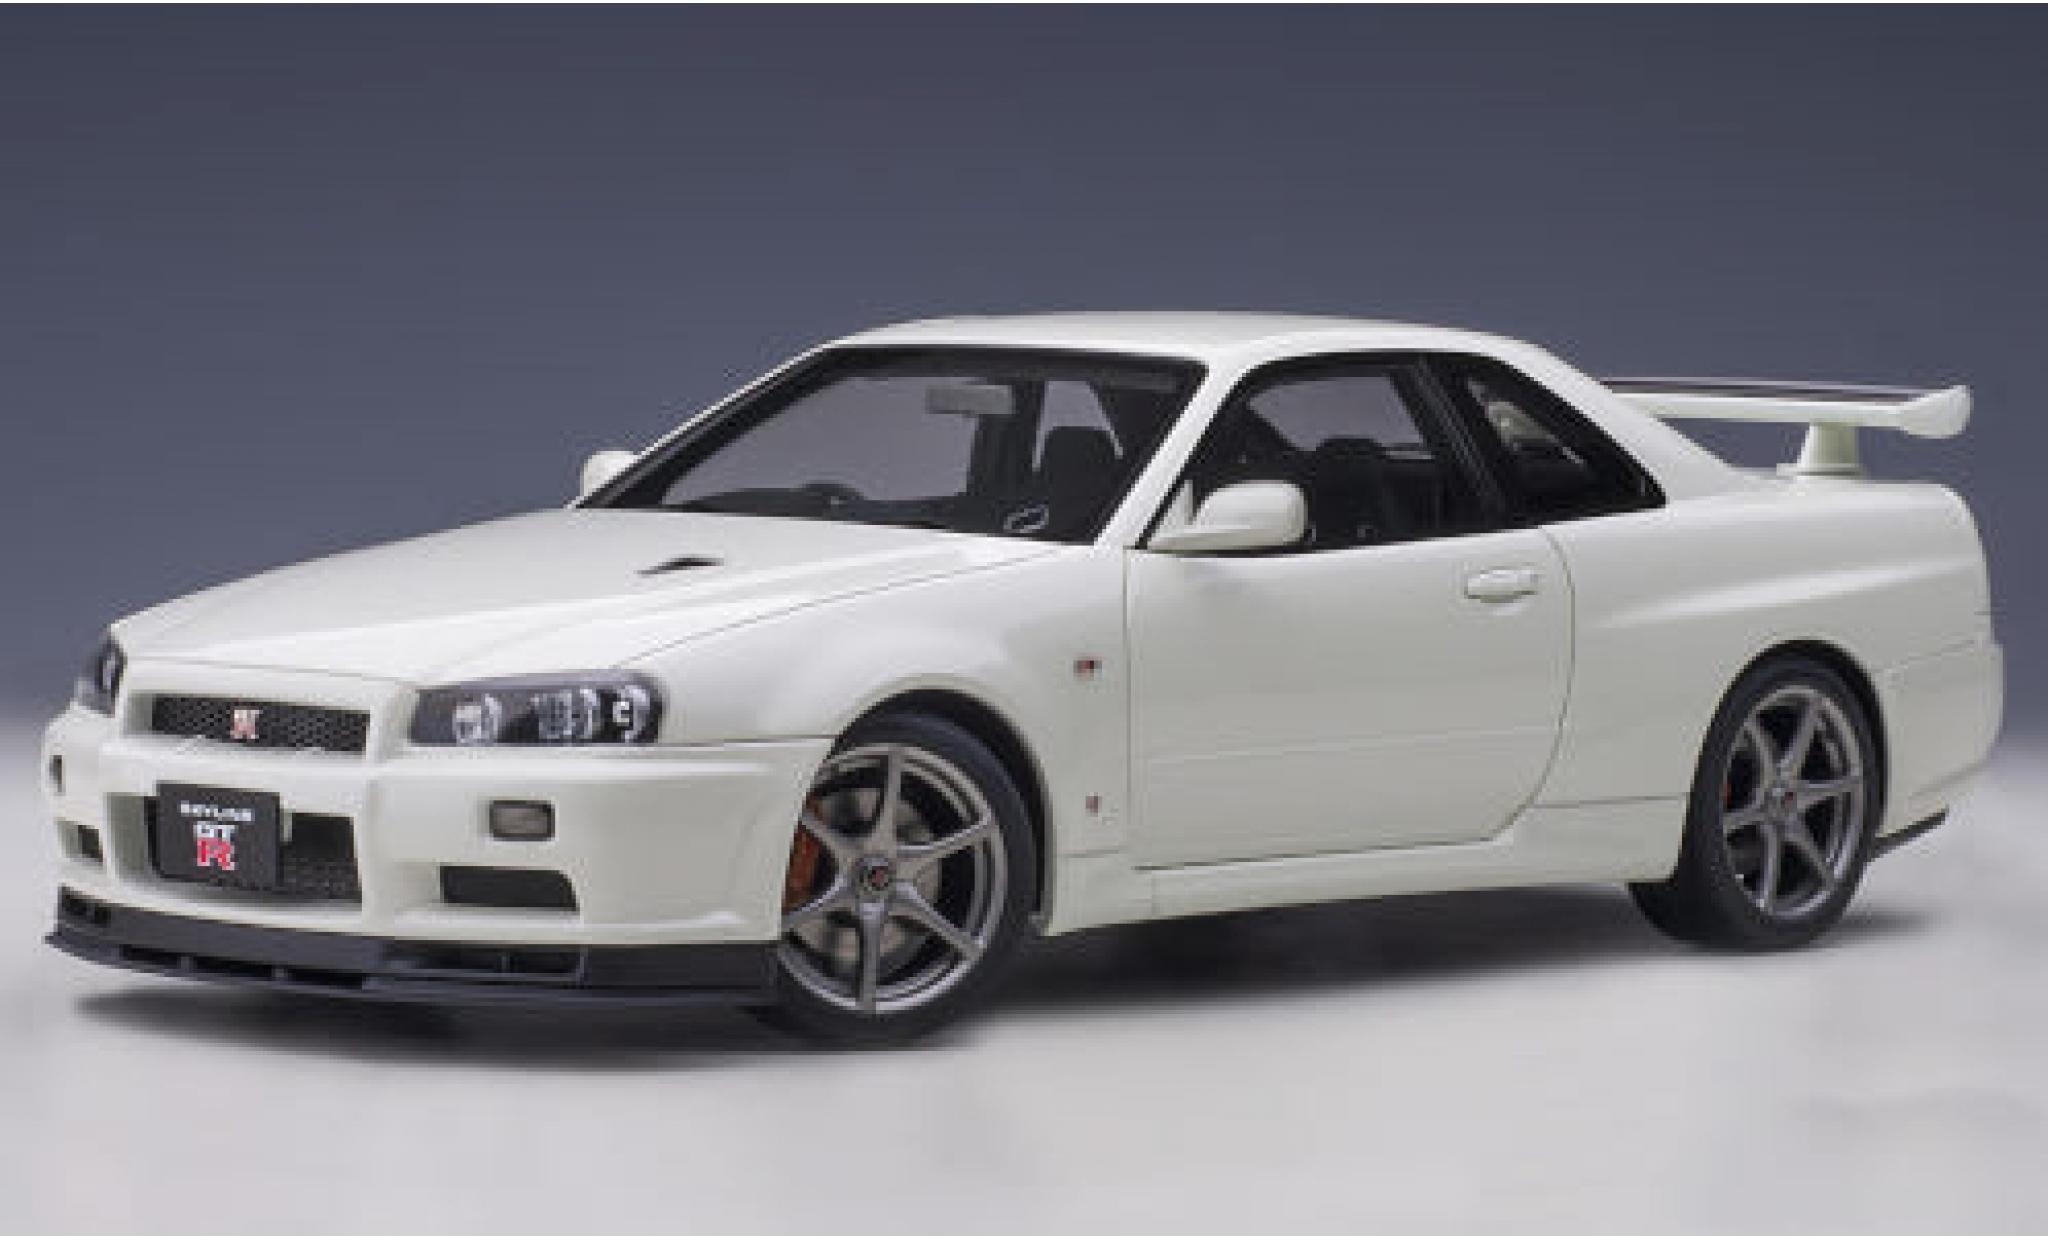 Nissan Skyline 1/18 AUTOart GT-R (R34) V-Spec II metallise blanche RHD